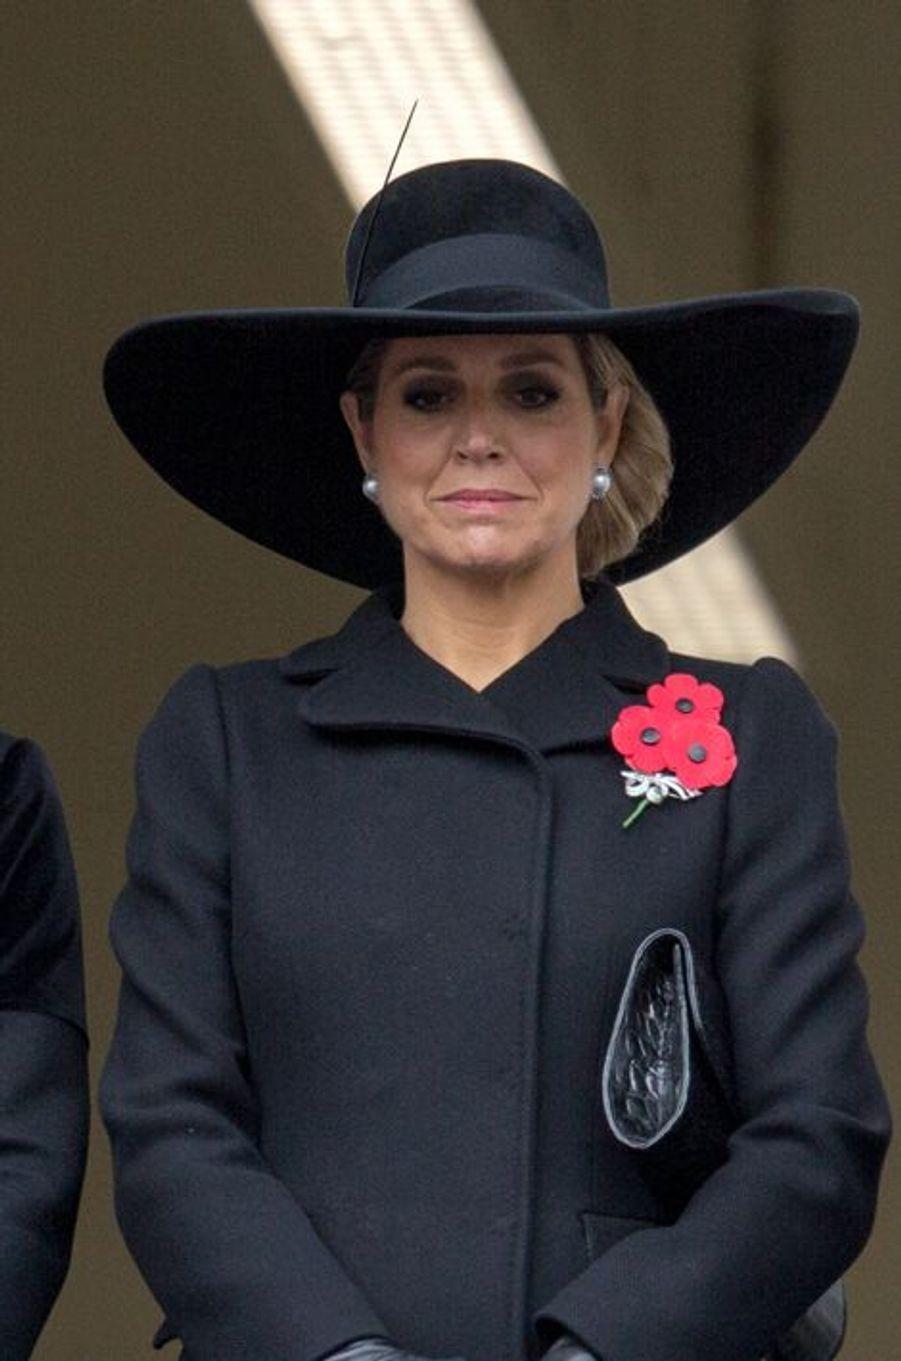 La reine Maxima des Pays-Bas à Londres, le 8 novembre 2015